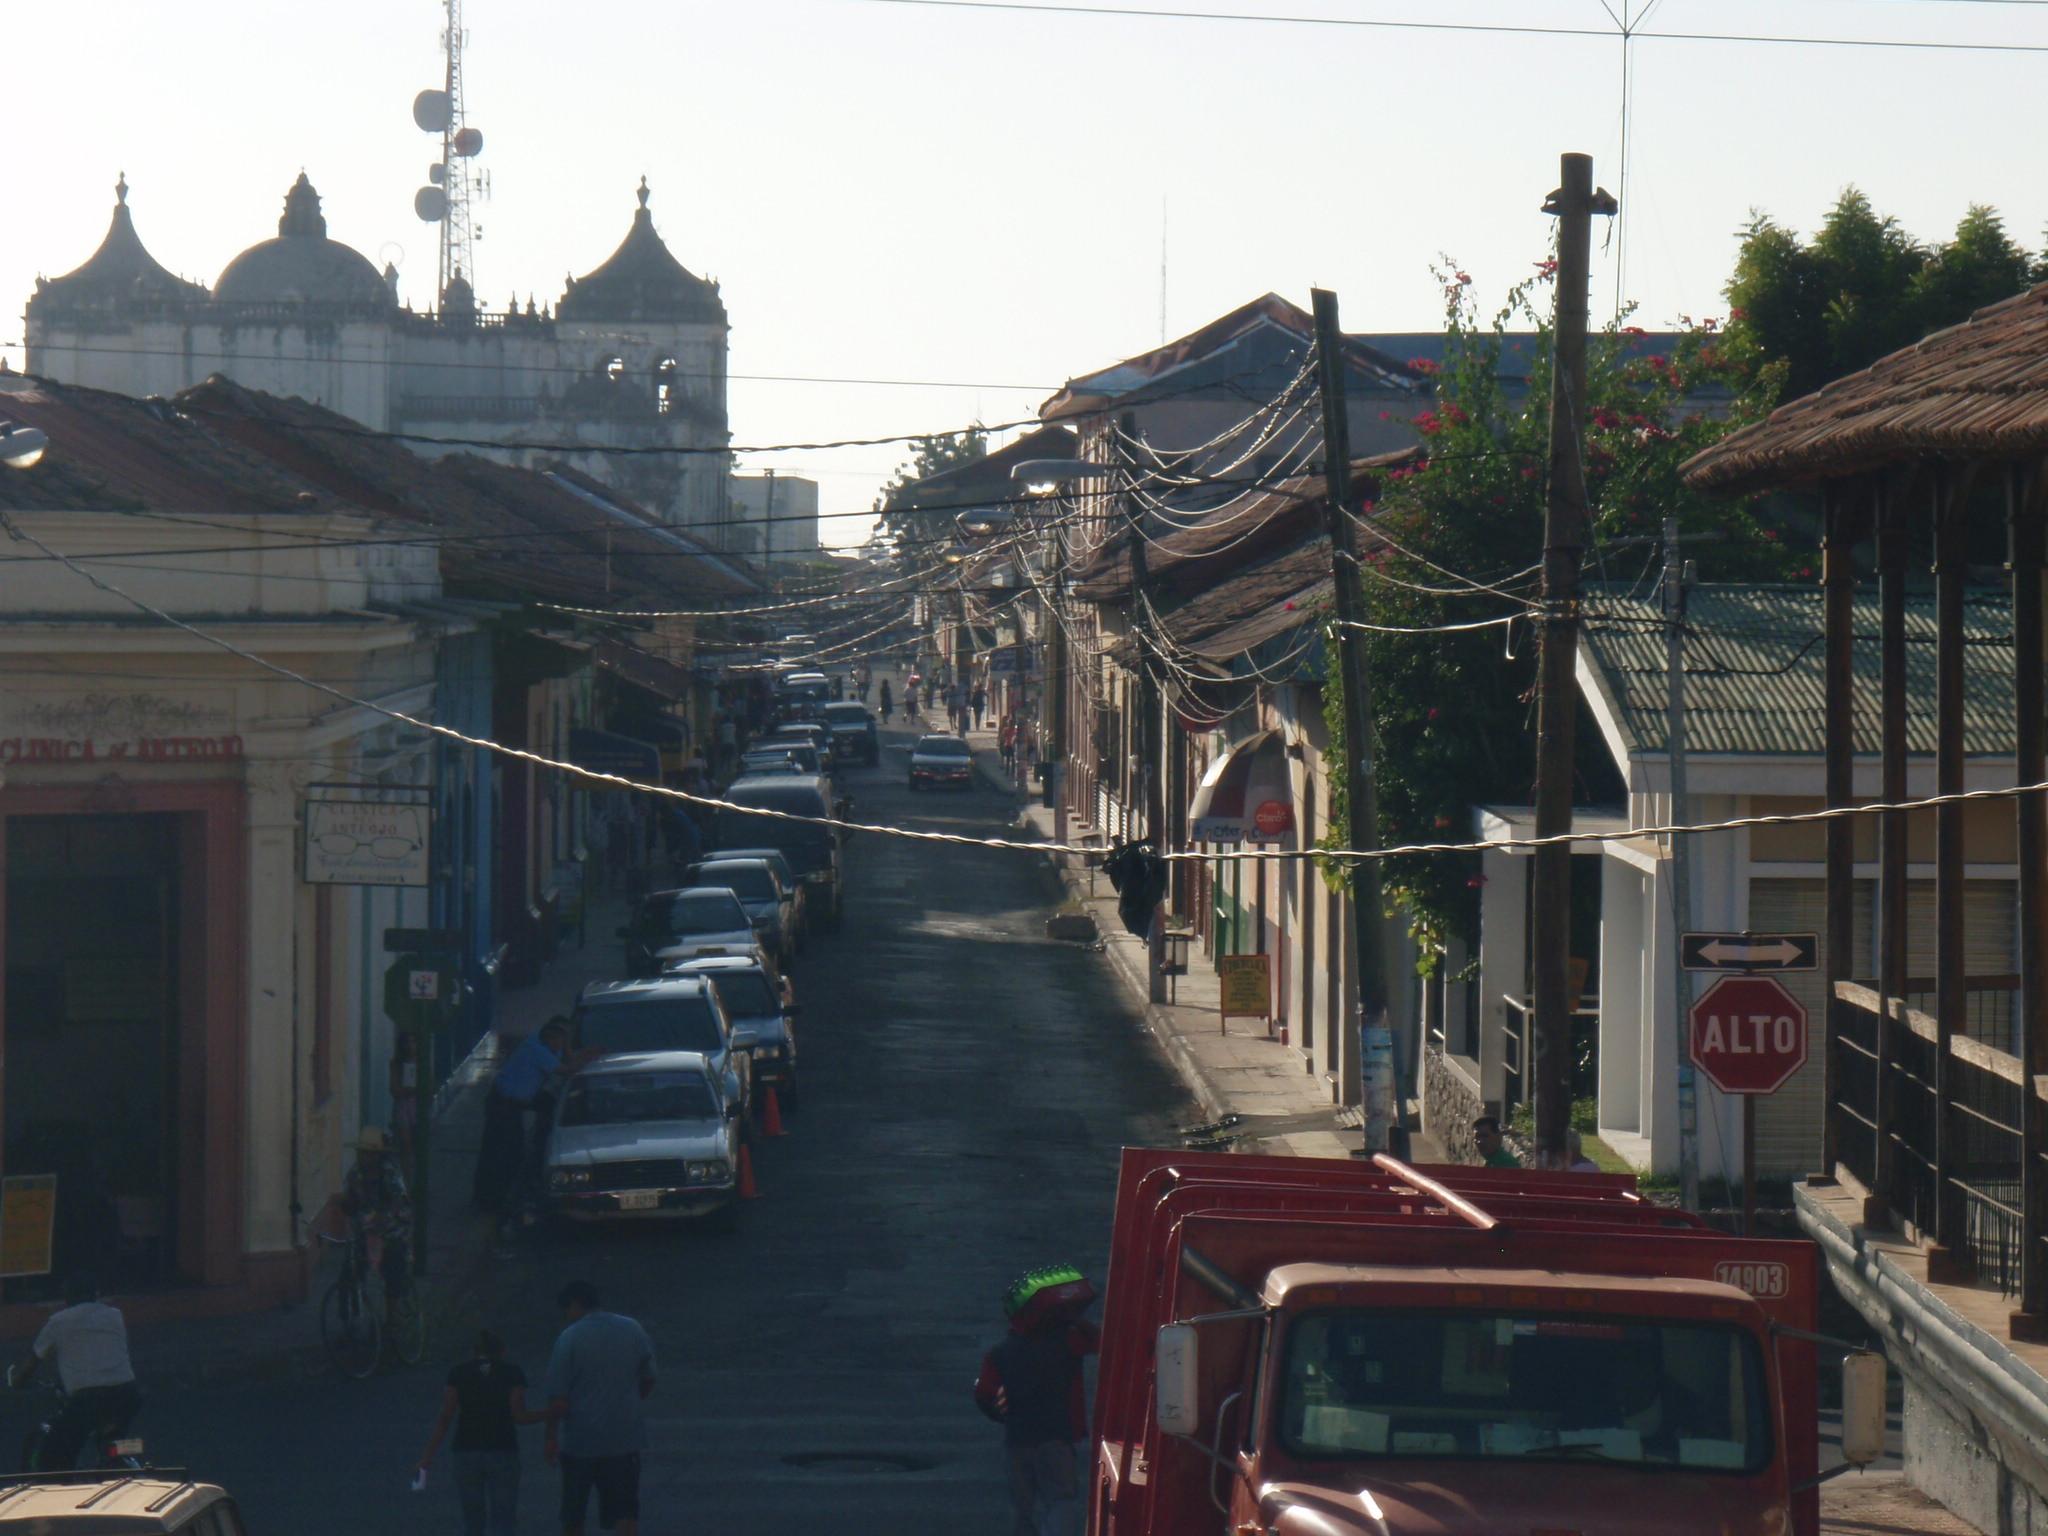 Street scene in Leon, Nicaragua